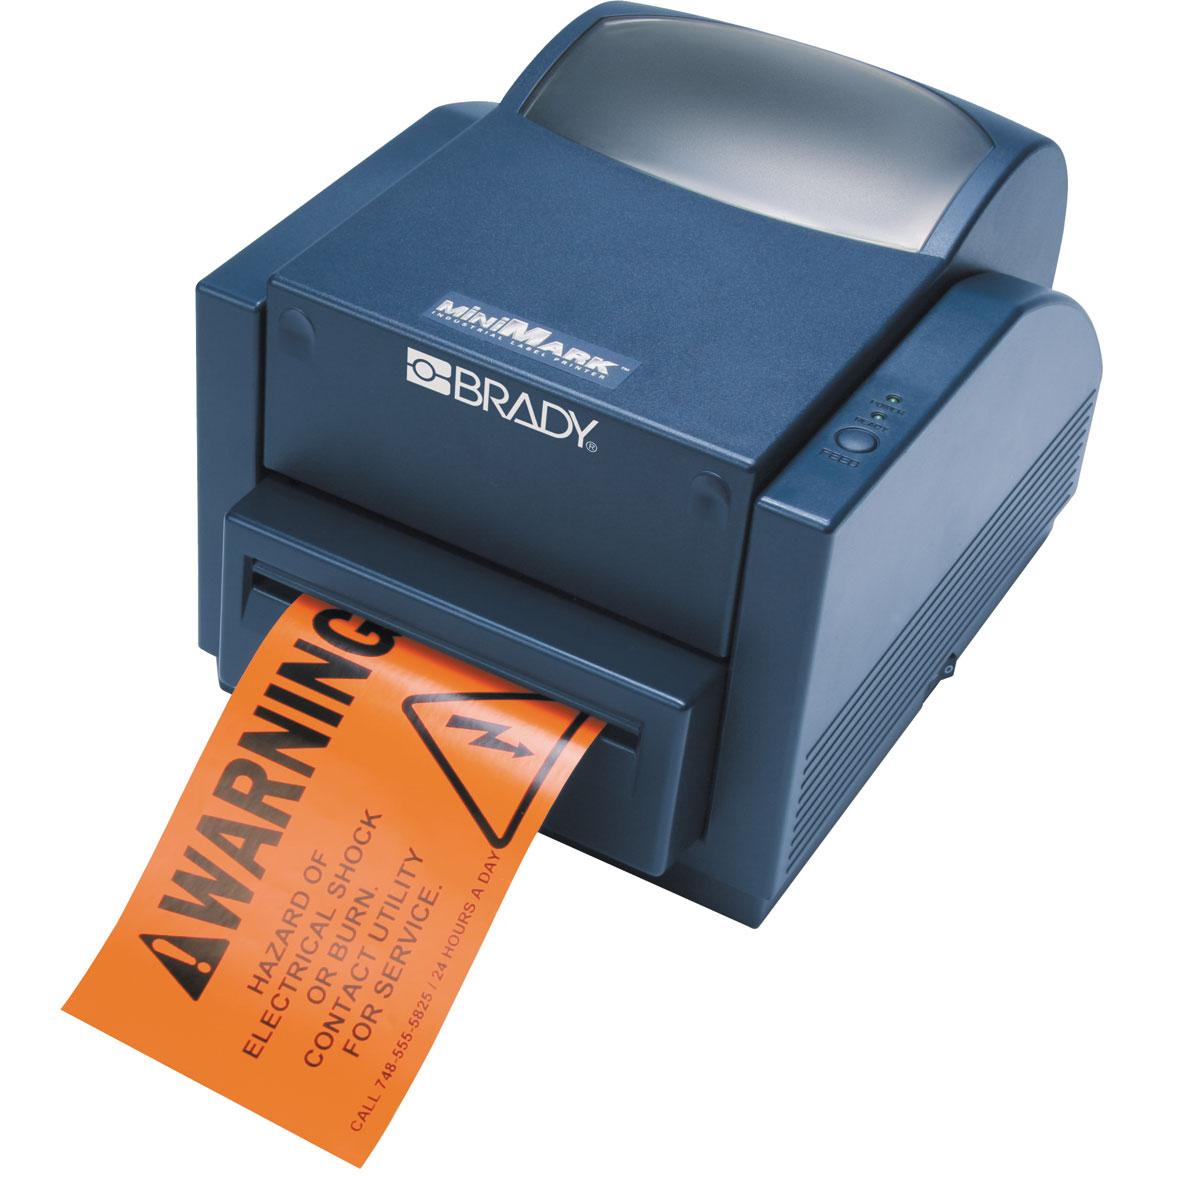 Refurbished MiniMark Industrial Label Maker - Limited Quantity Left